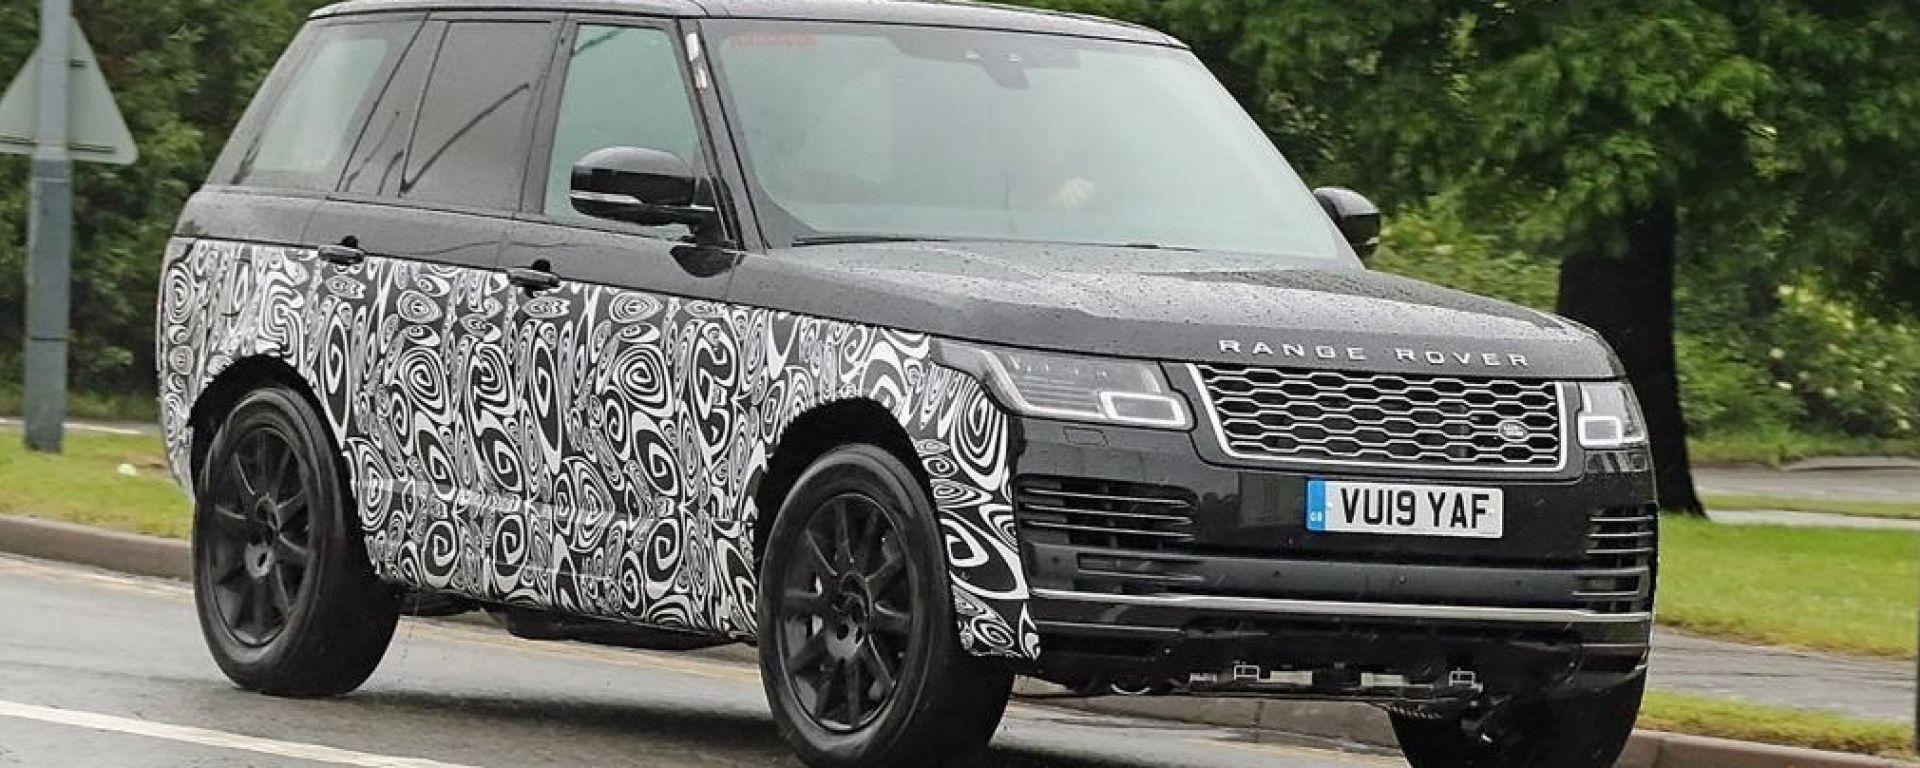 Range Rover 2021: ritocchi estetici e motore V8 Bmw